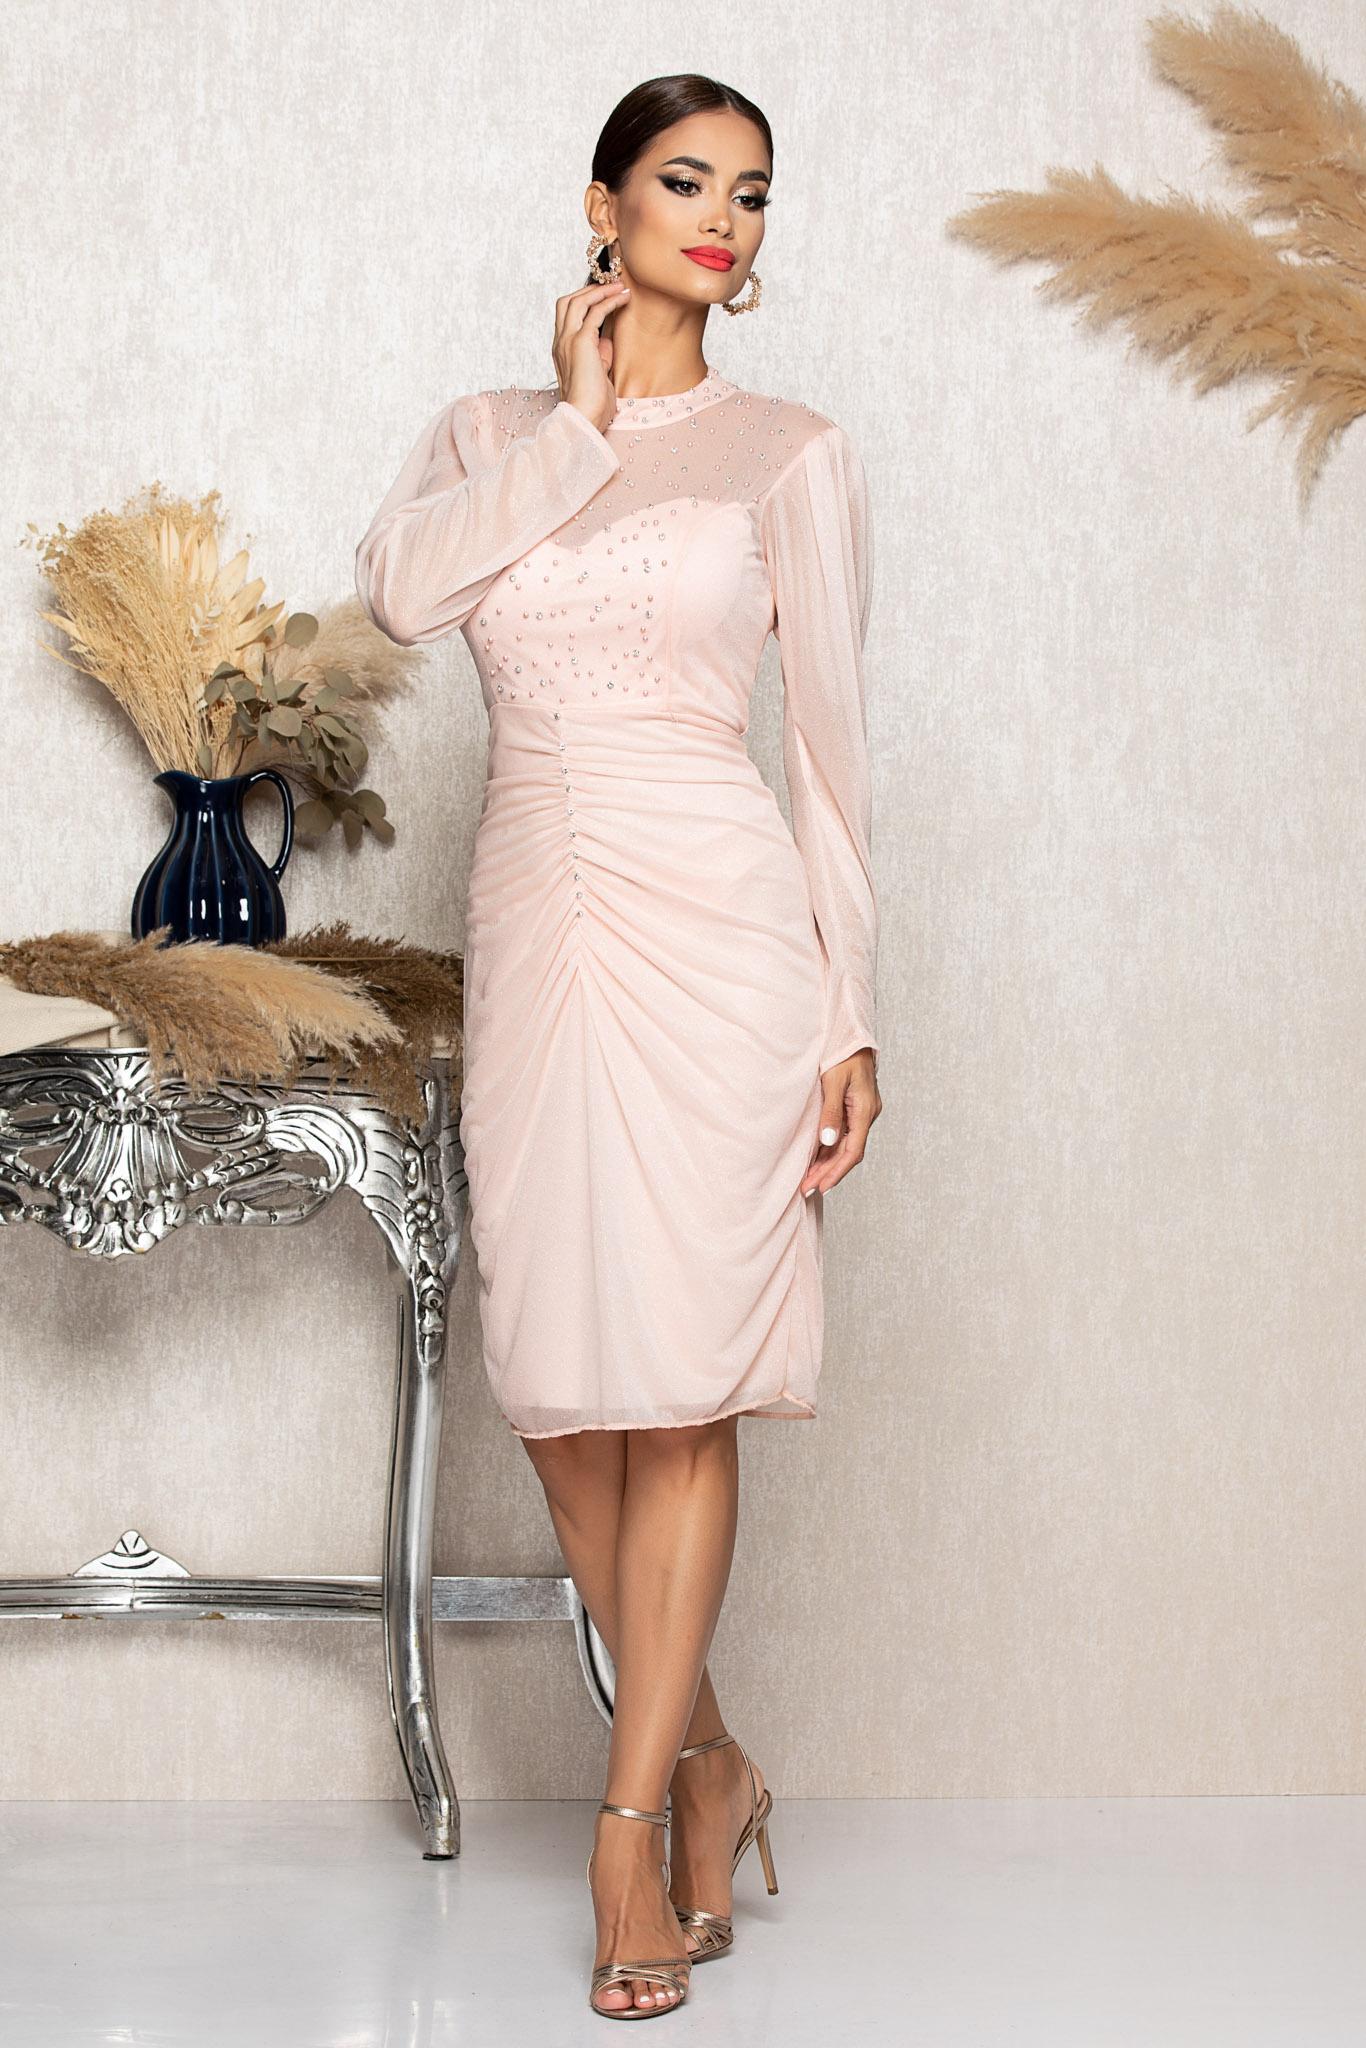 Rochie Flirty Rose Marimi Mari M (38)   L (40)   XL (42)   XXL (44)   3XL (46)